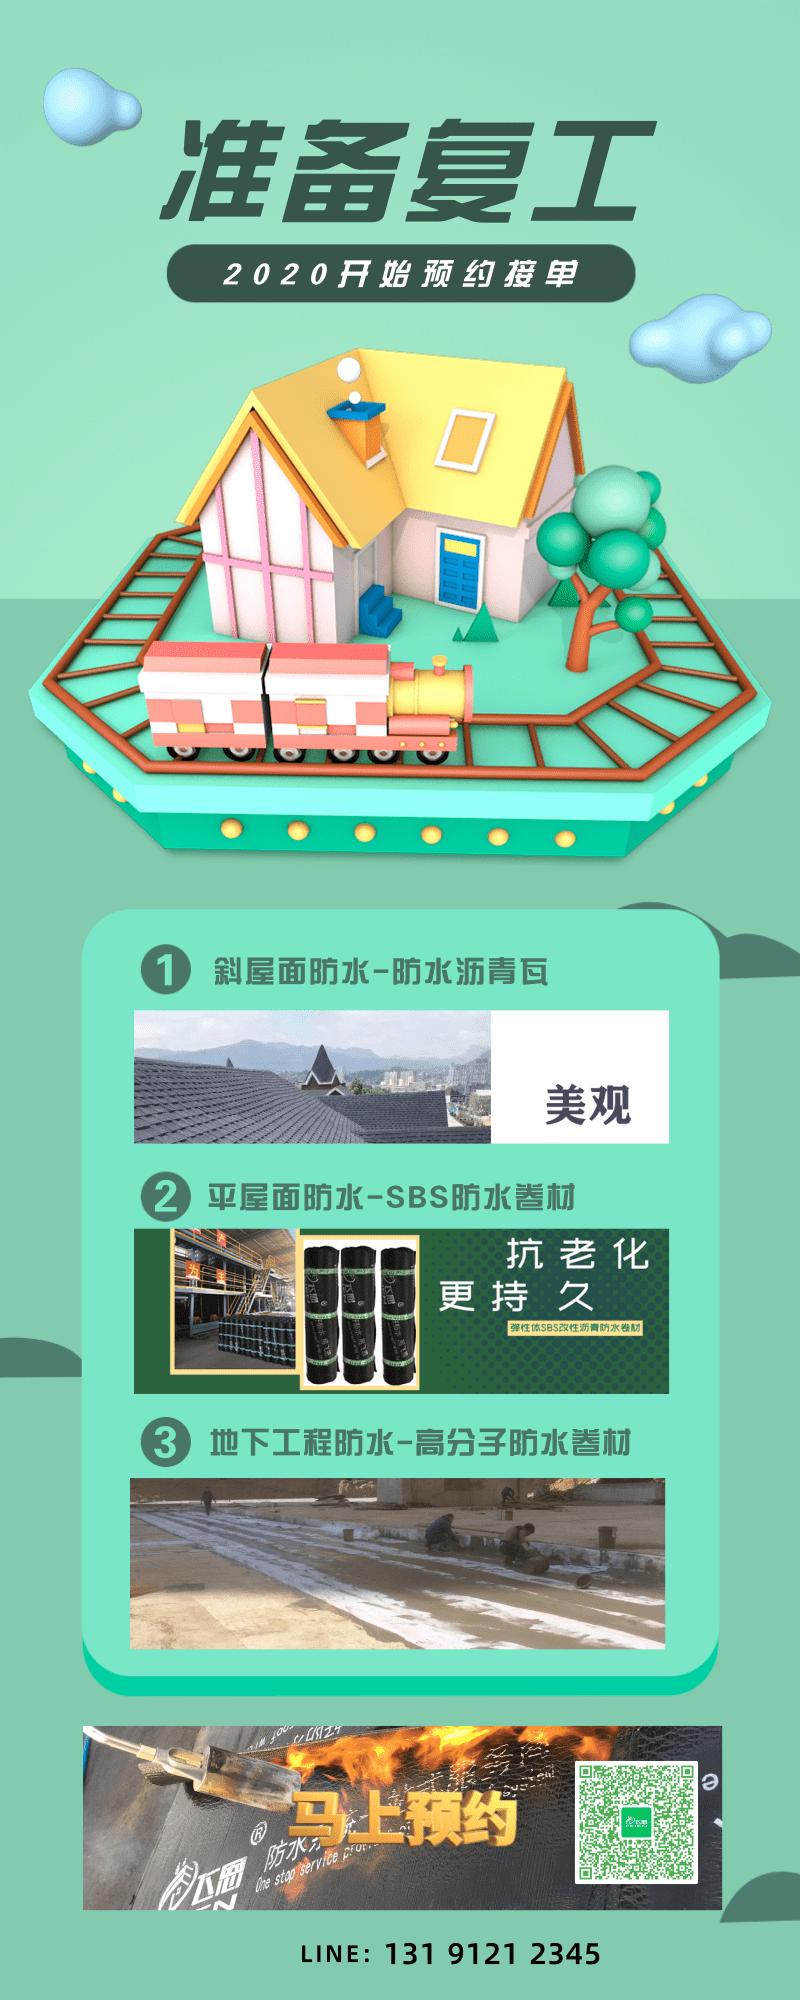 返程防护指南营销长图@凡科快图 (8).png